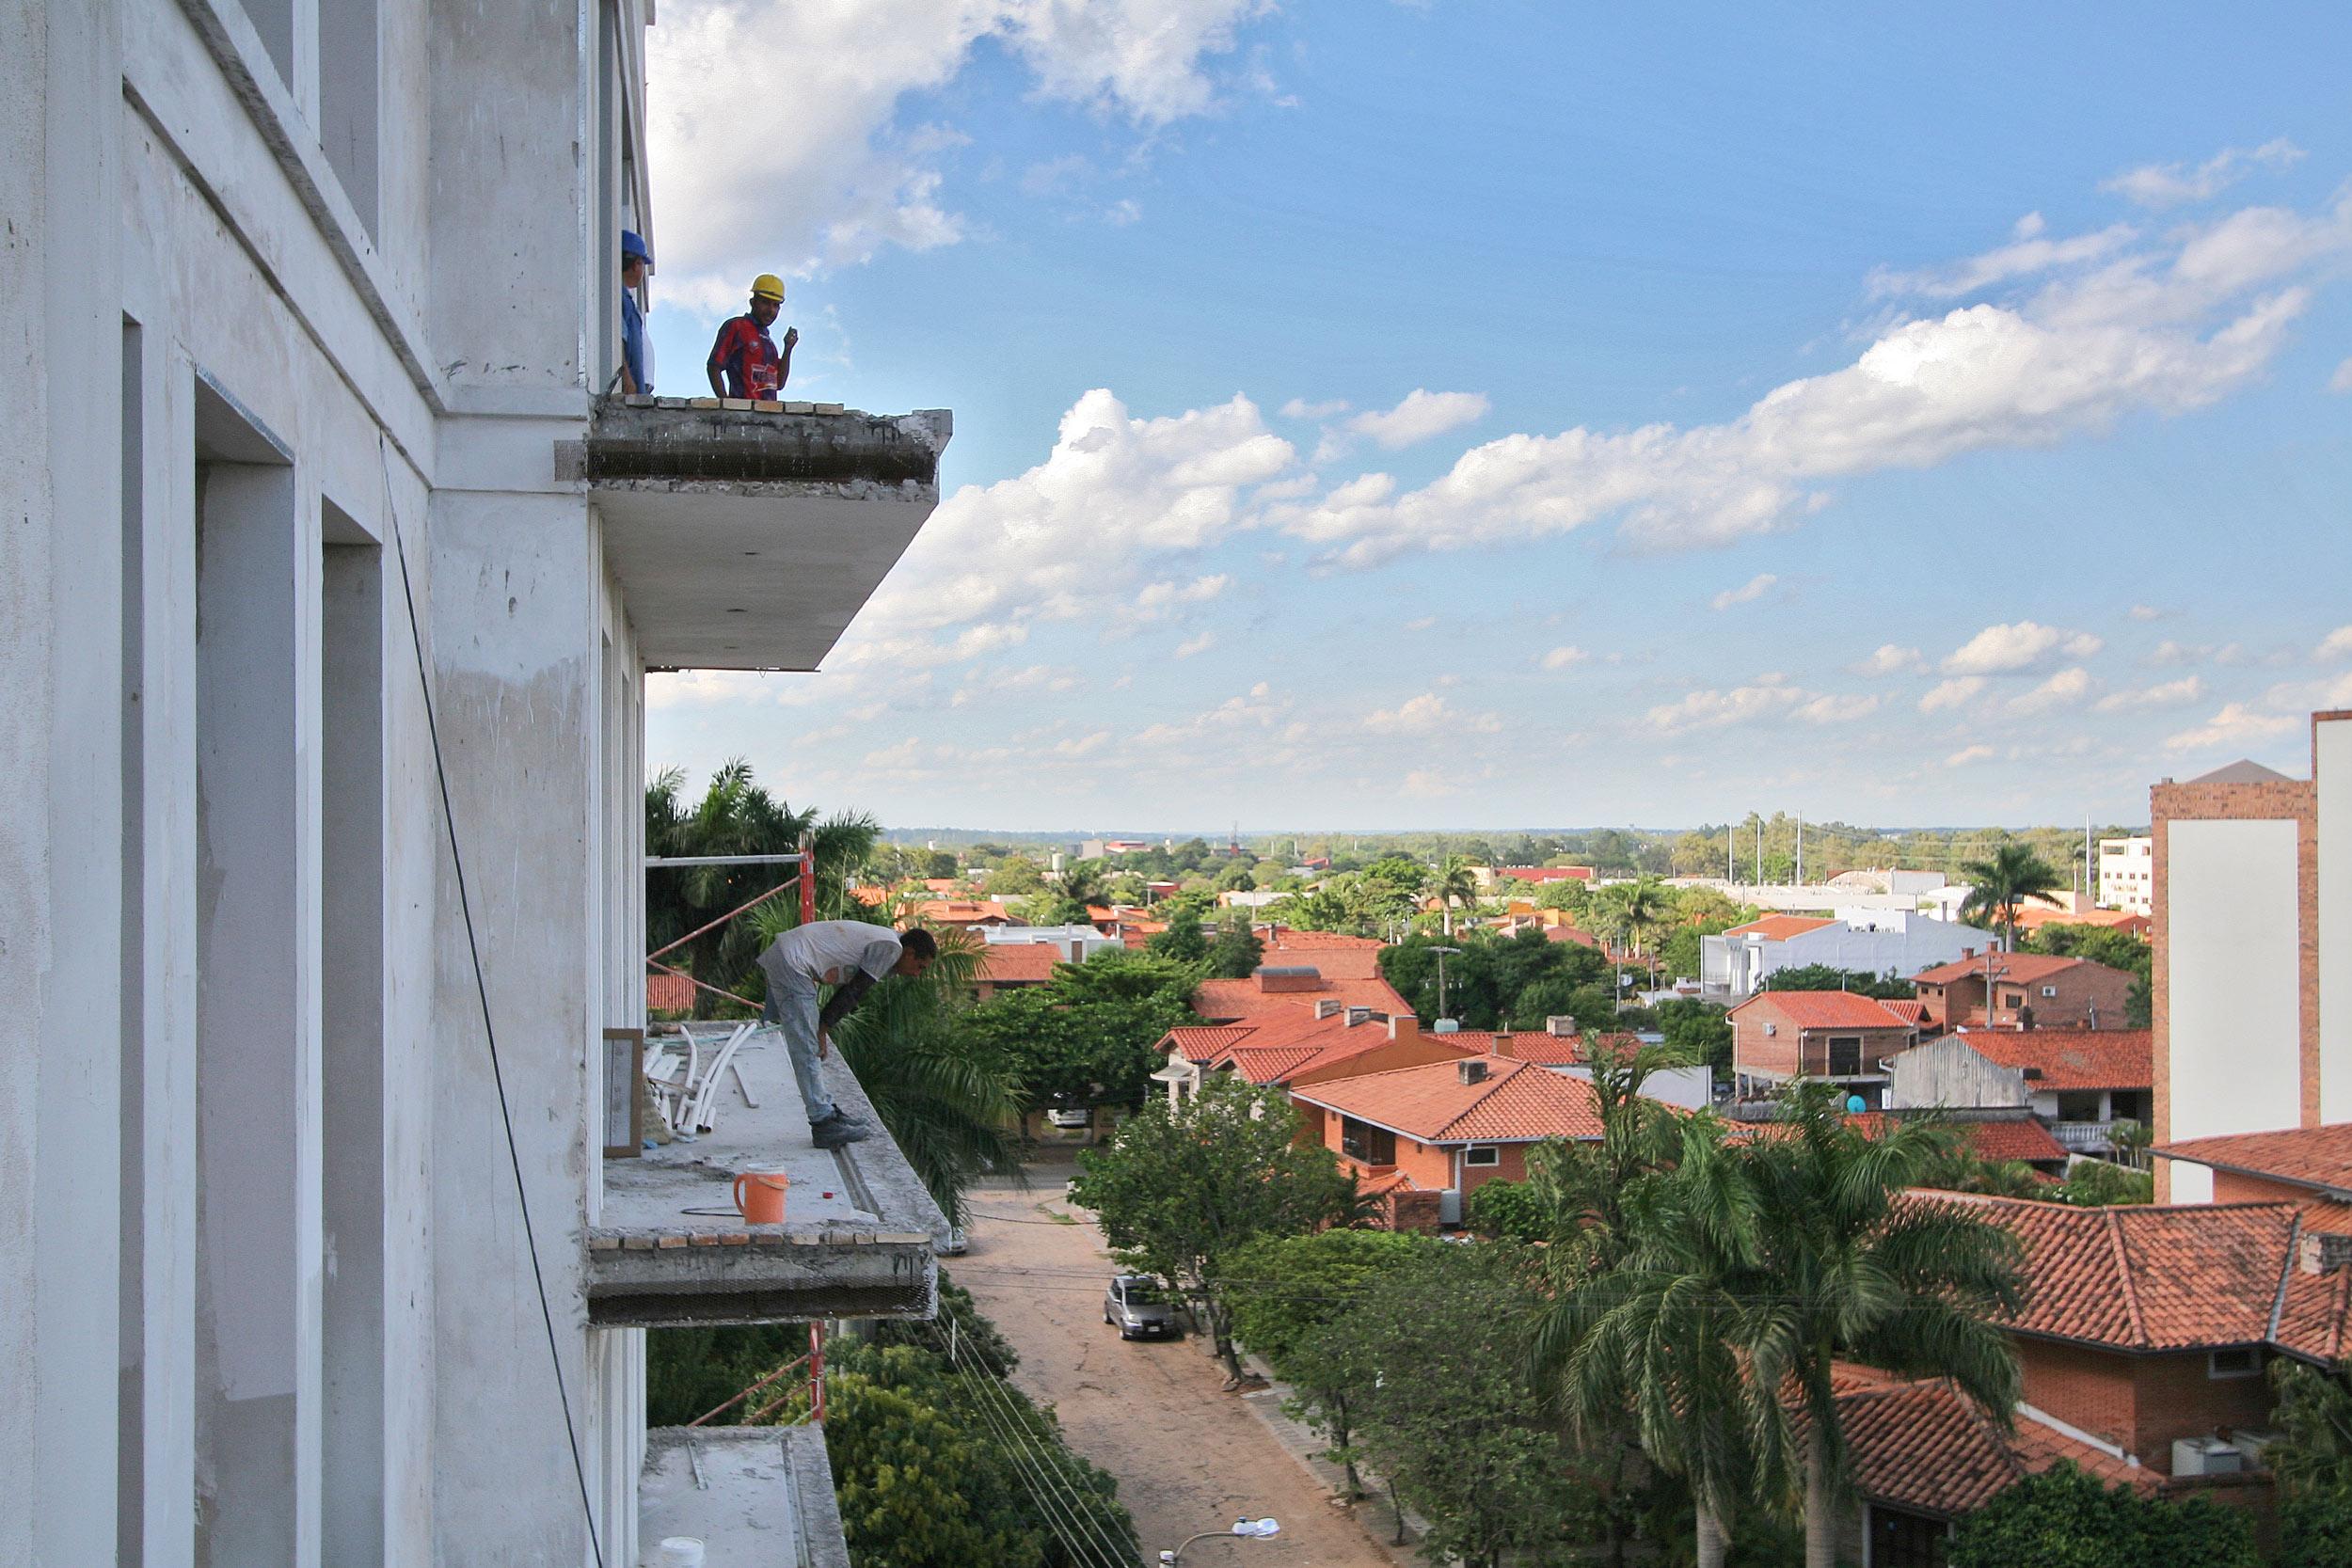 GOETHE RESIDENZEN - Neubau eines Appartementhauses mit exklusiven Wohnungen - Balkonterrassen erweitern die Innenräume und eröffnen einen schönen Ausblick.